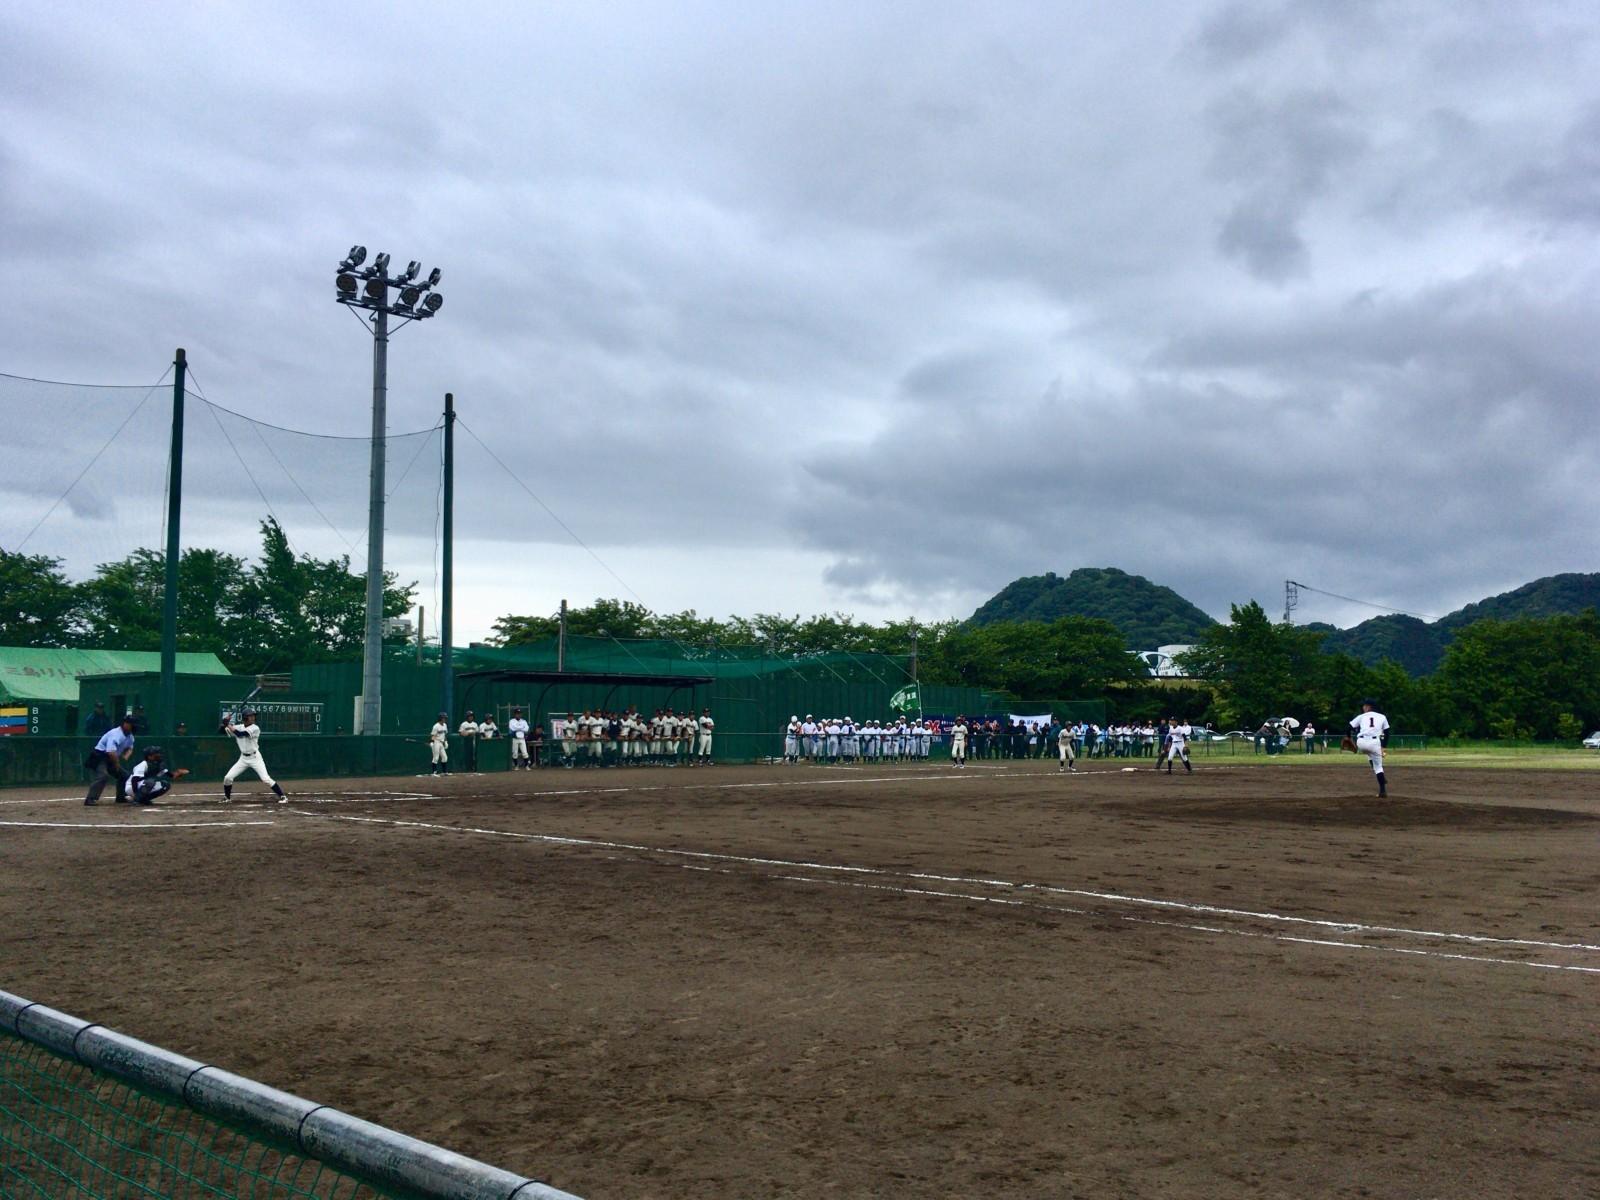 2018.05.13 2018関東連盟夏季大会 1回戦 三島リトルシニア戦